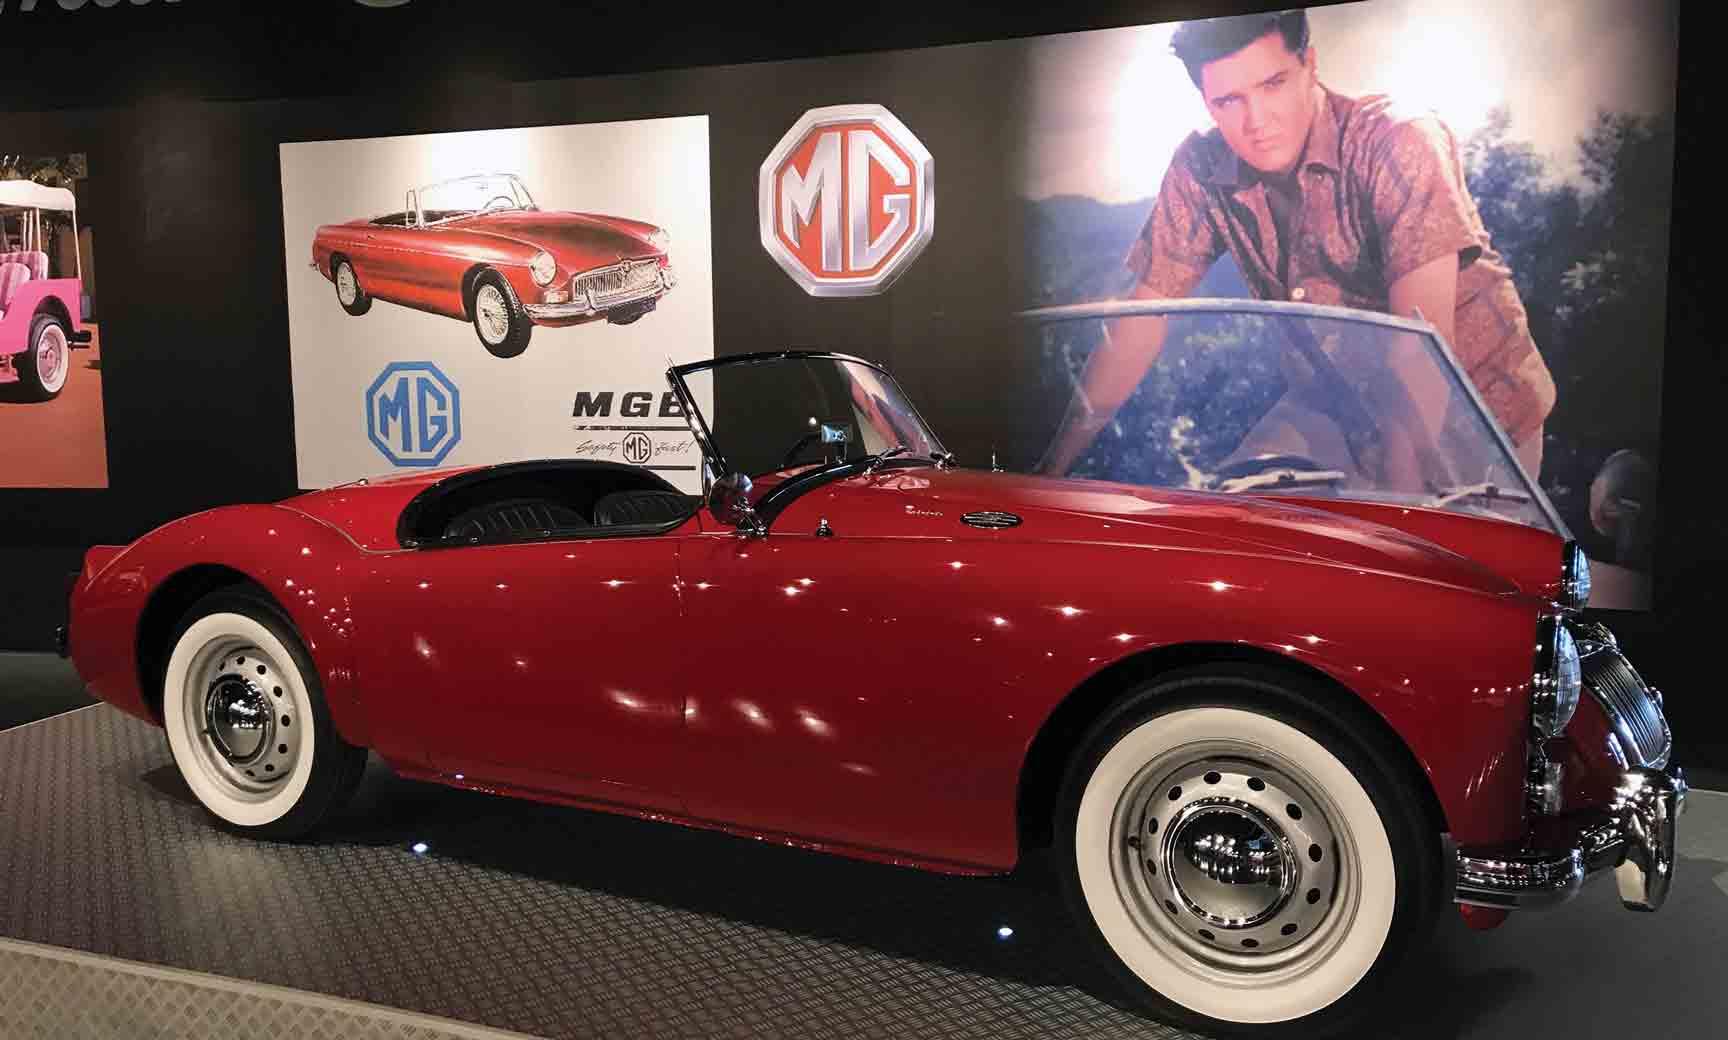 Elvis Presley's Cars at Presley Motors in Graceland ...